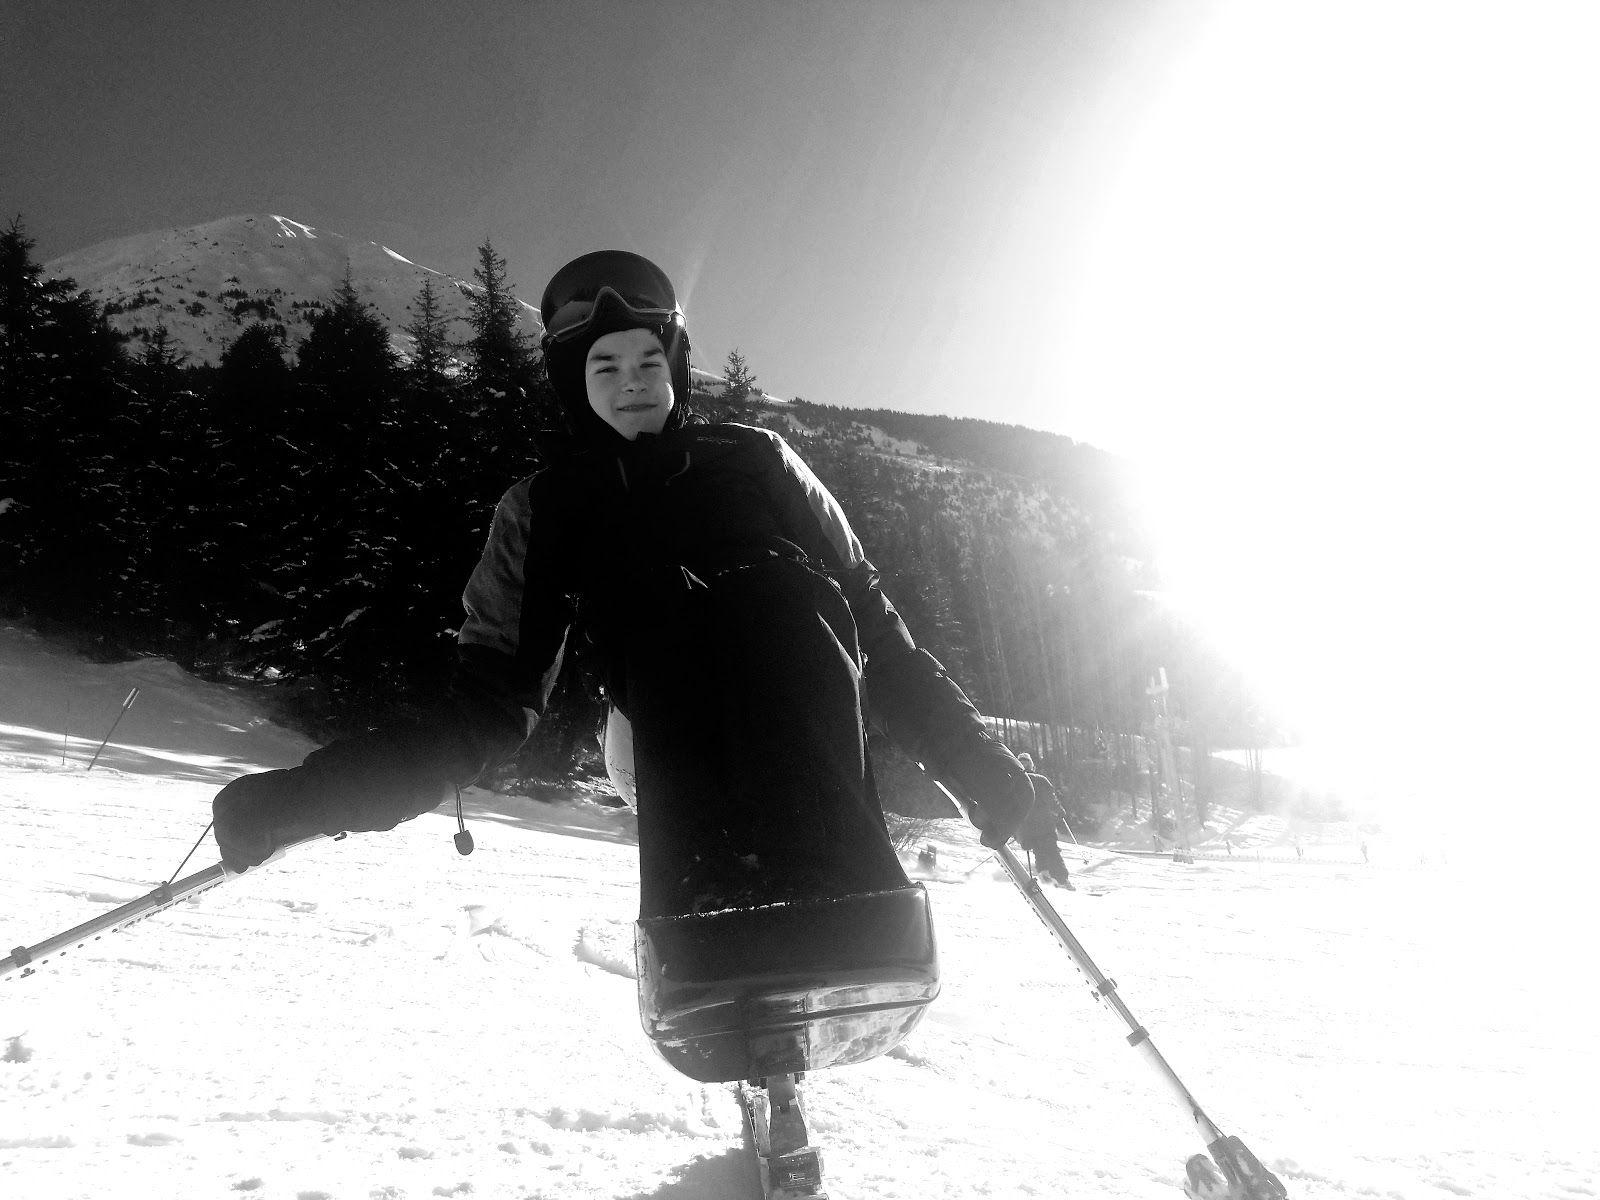 My Ski Life